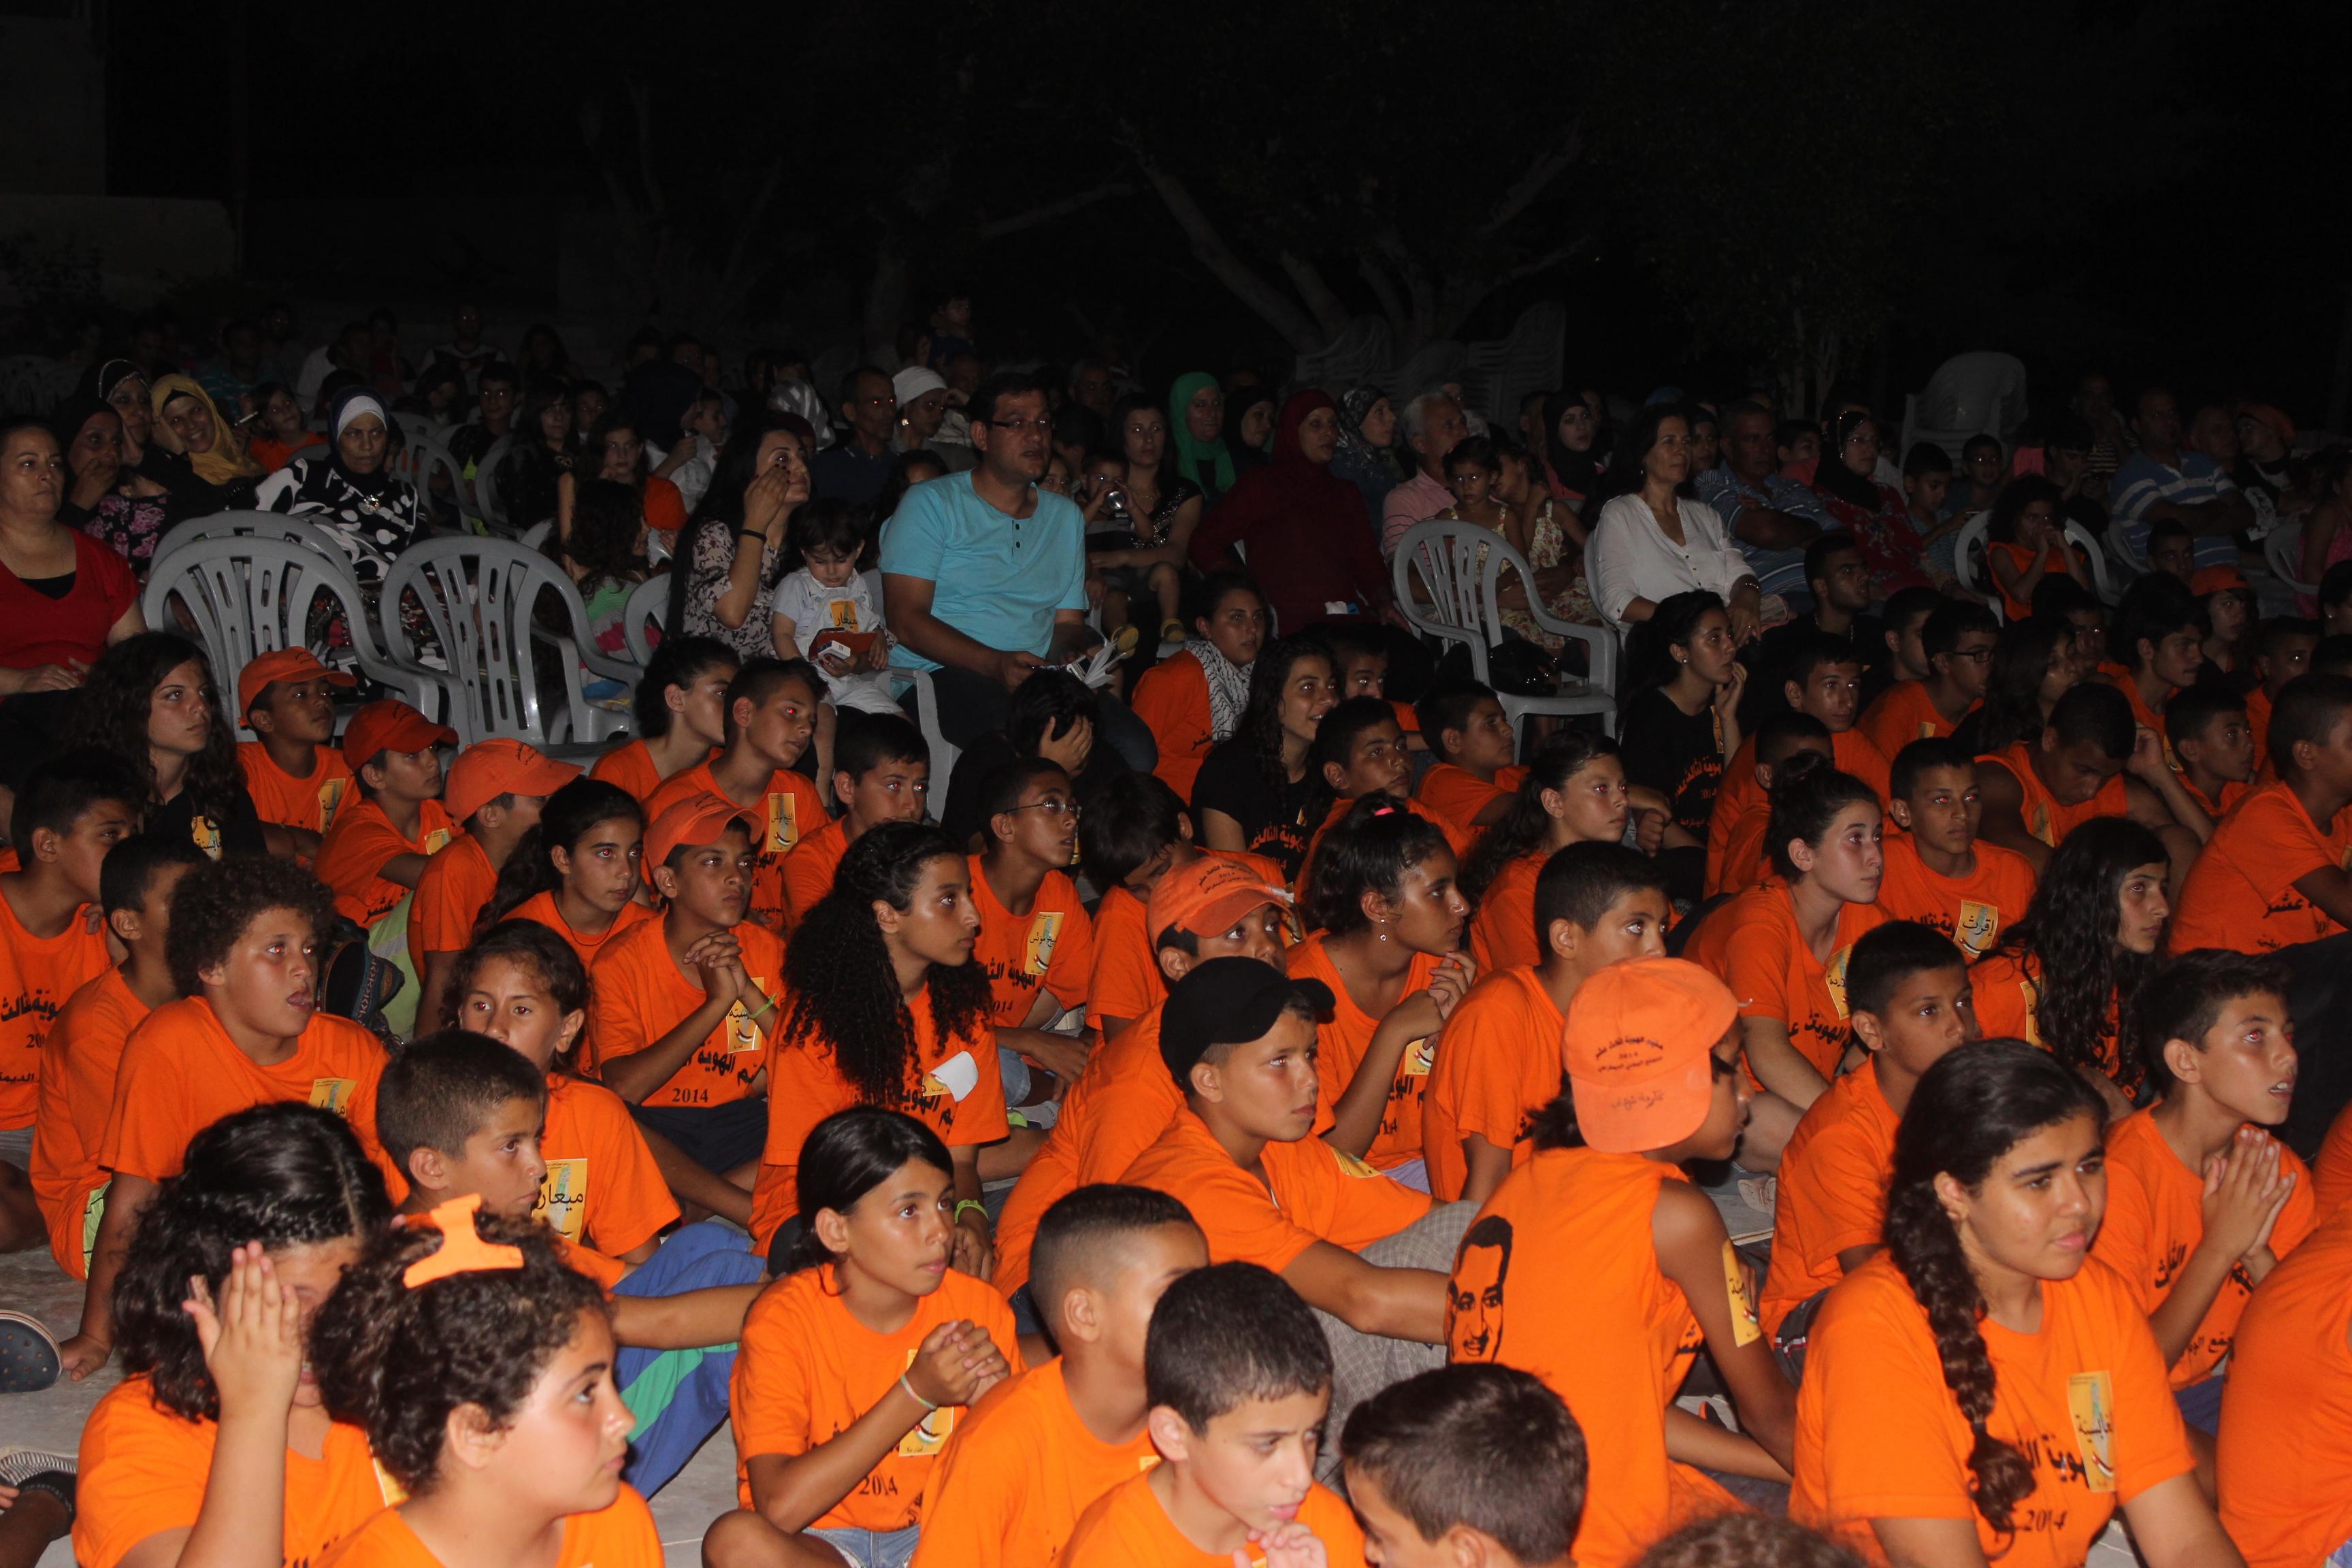 اختتام مخيم الهوية الـ13 للتجمع الوطني بمهرجان احتفالي حاشد